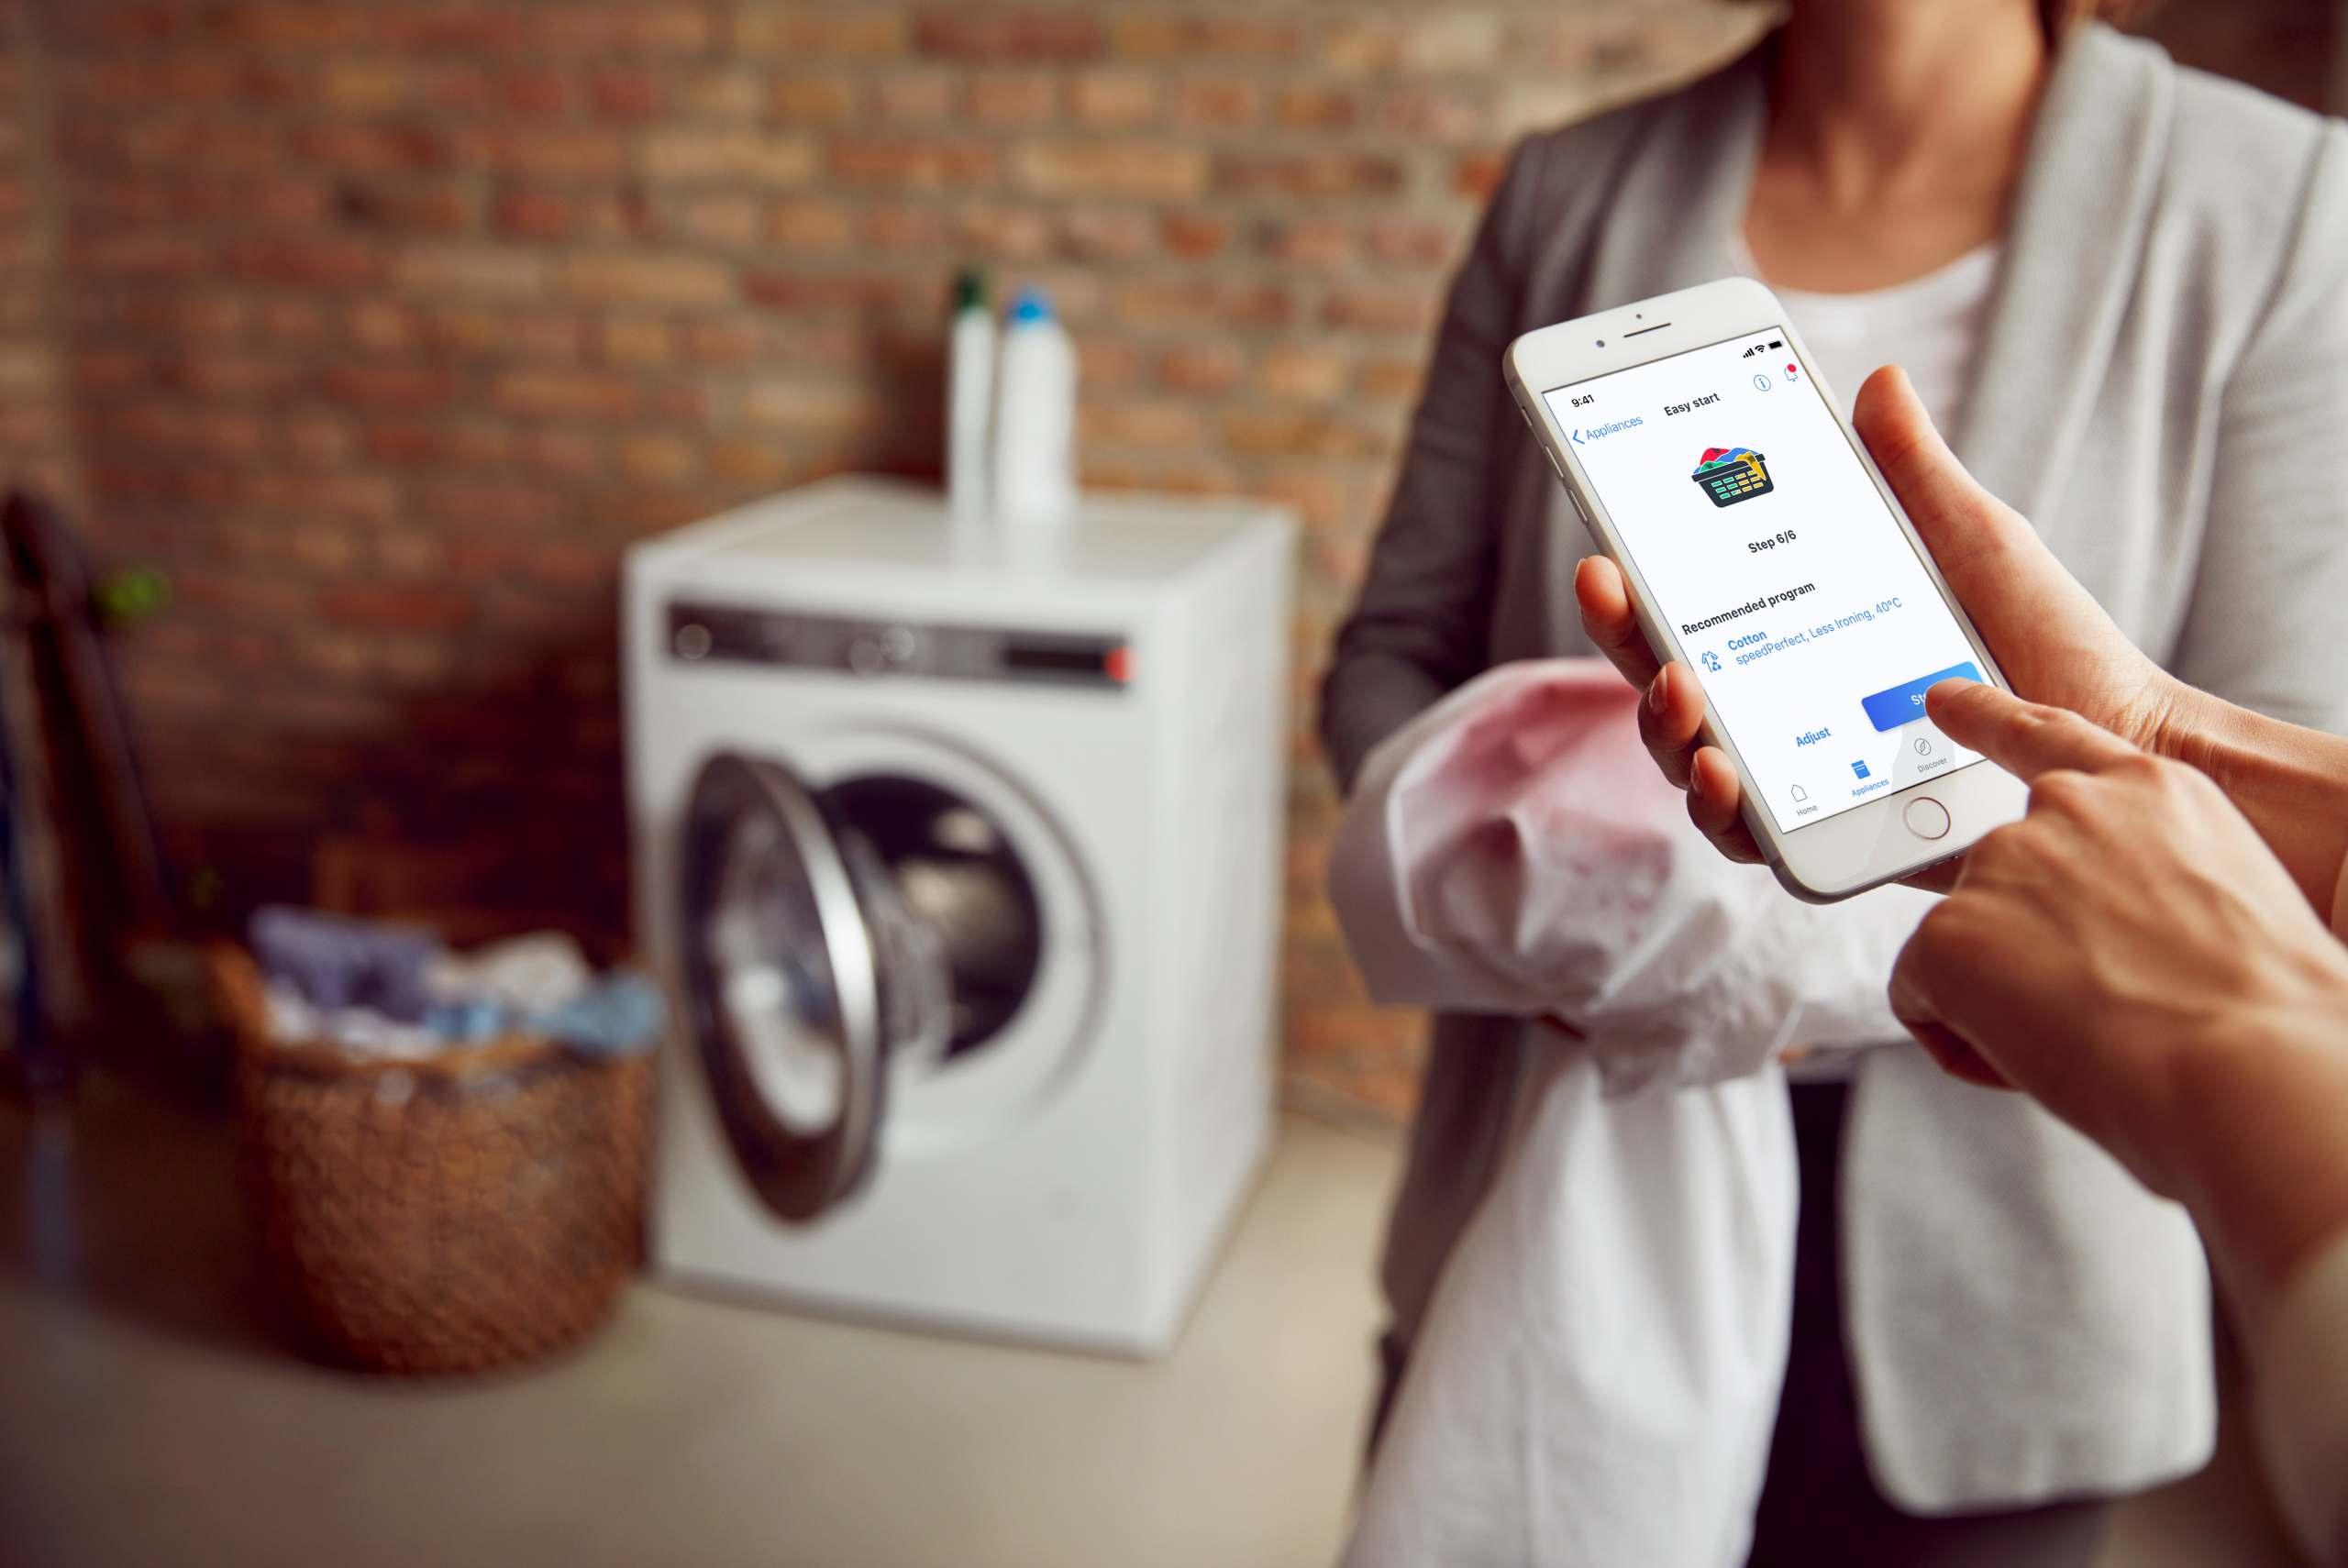 Top-Thema für die BSH-Marken ist die Digitalisierung in Küche und Waschküche.